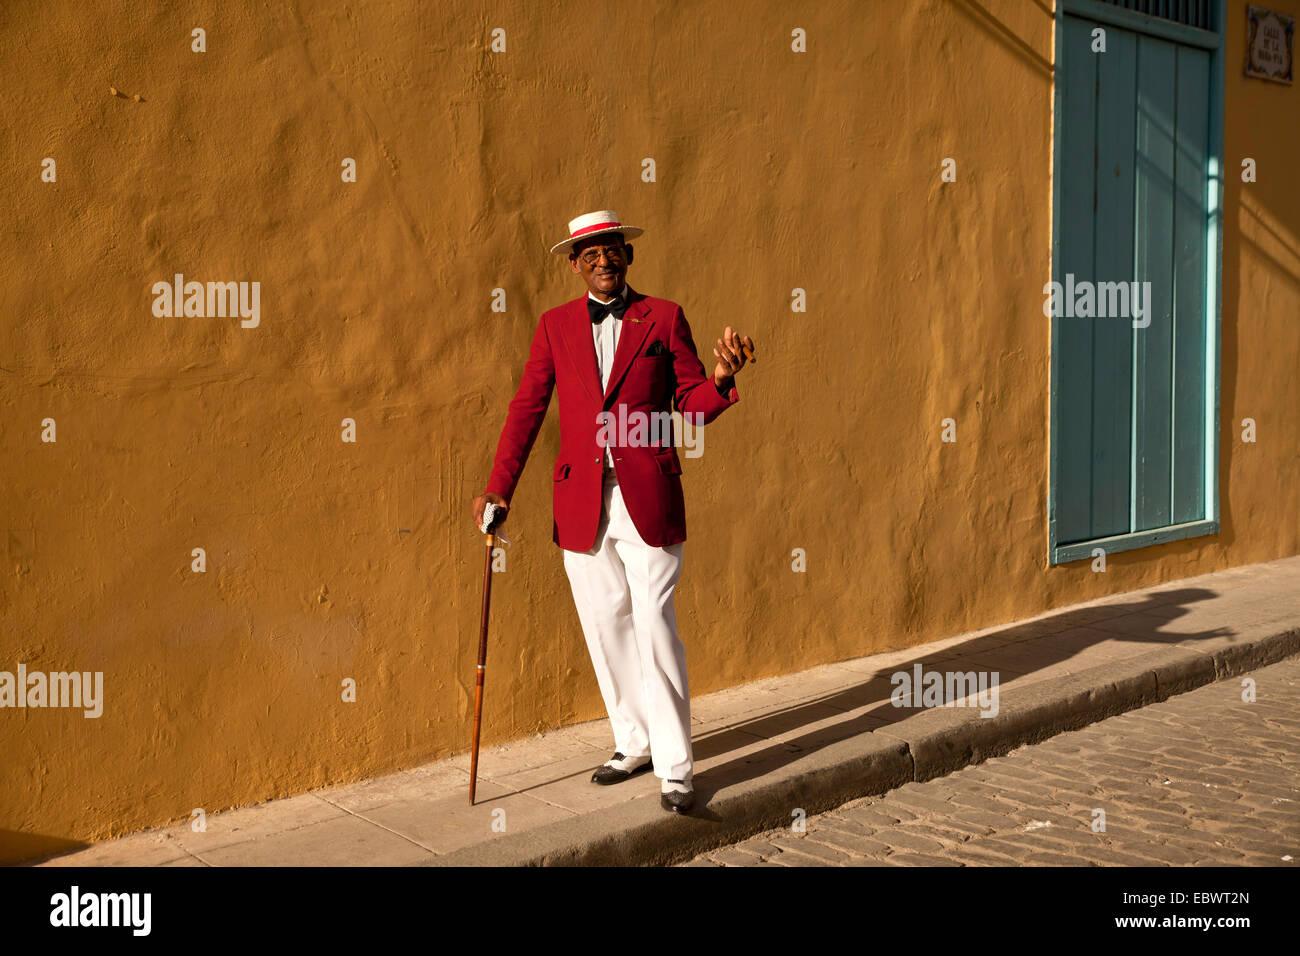 Actor Pedro Pablo Pérez, vistiendo un traje rojo con un sombrero y un cigarro, La Habana, Cuba Imagen De Stock